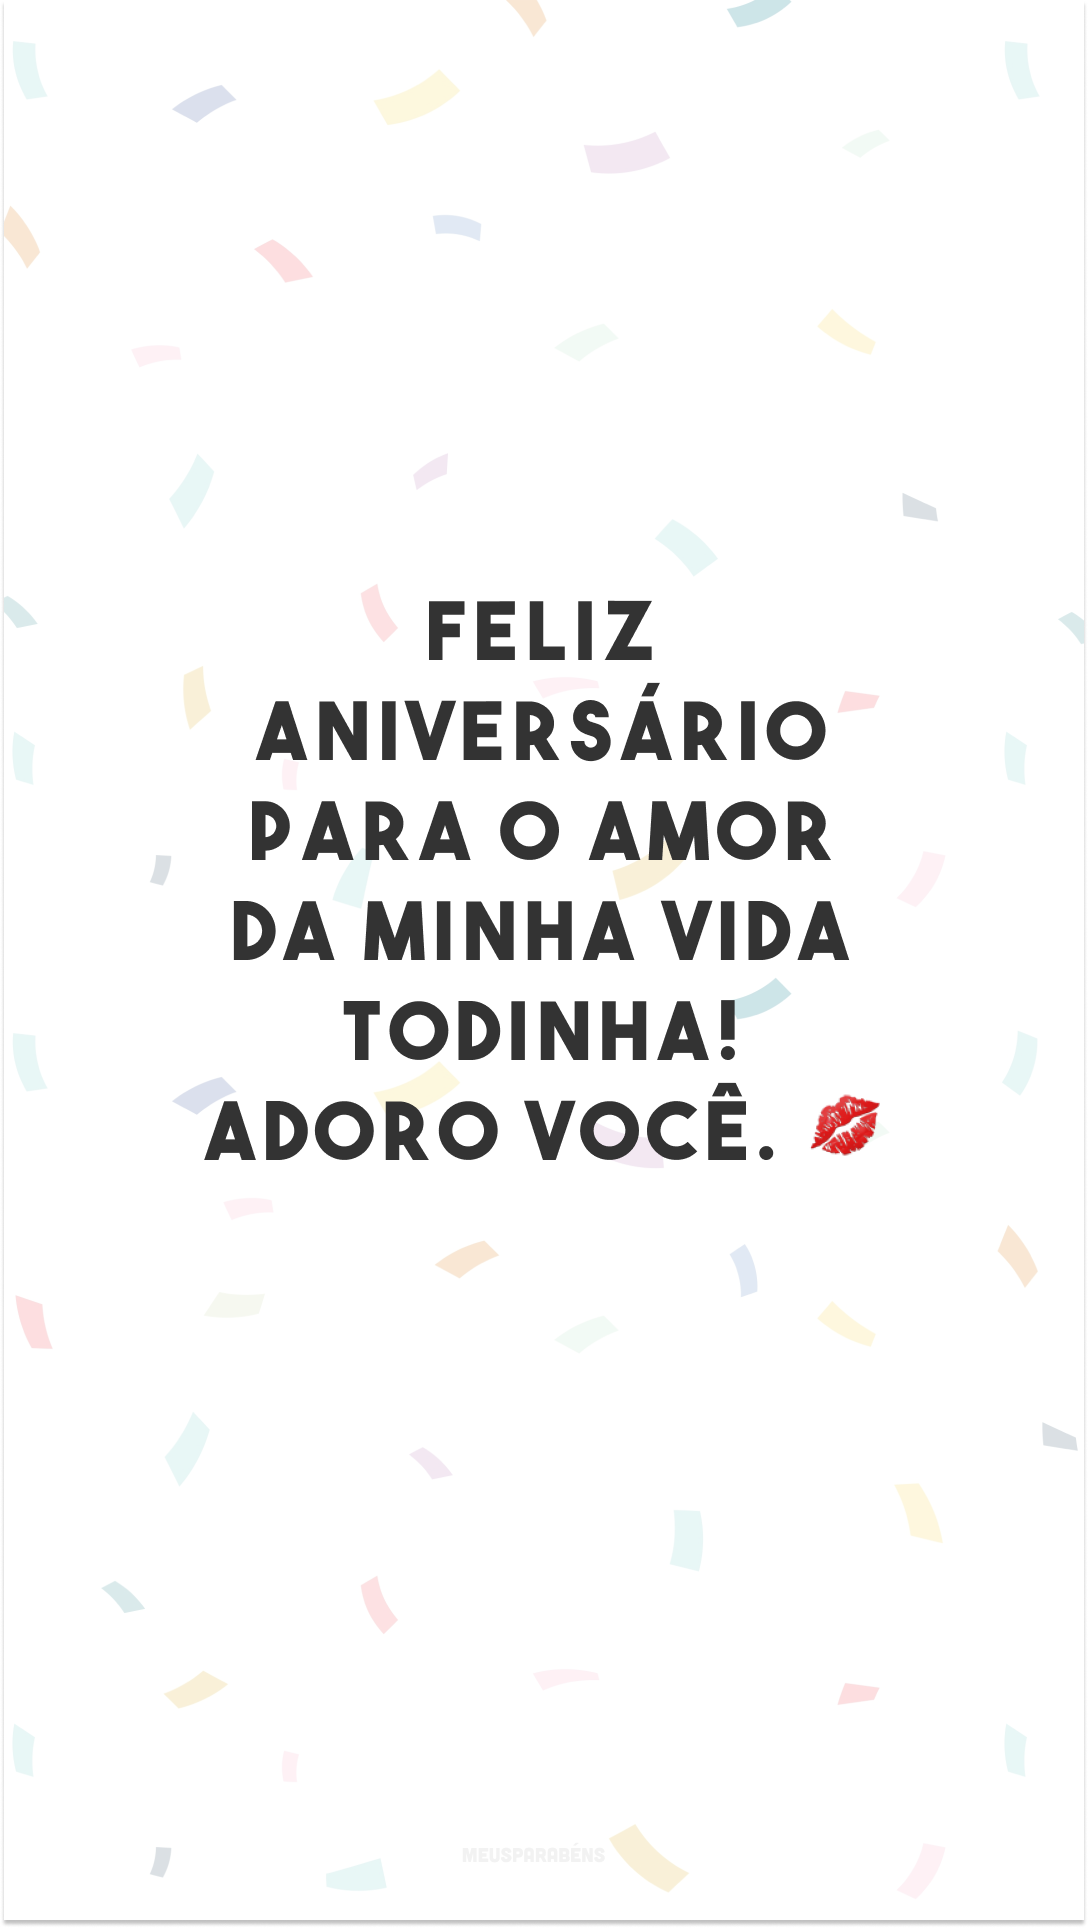 Feliz aniversário para o amor da minha vida todinha! Adoro você. 💋<br />